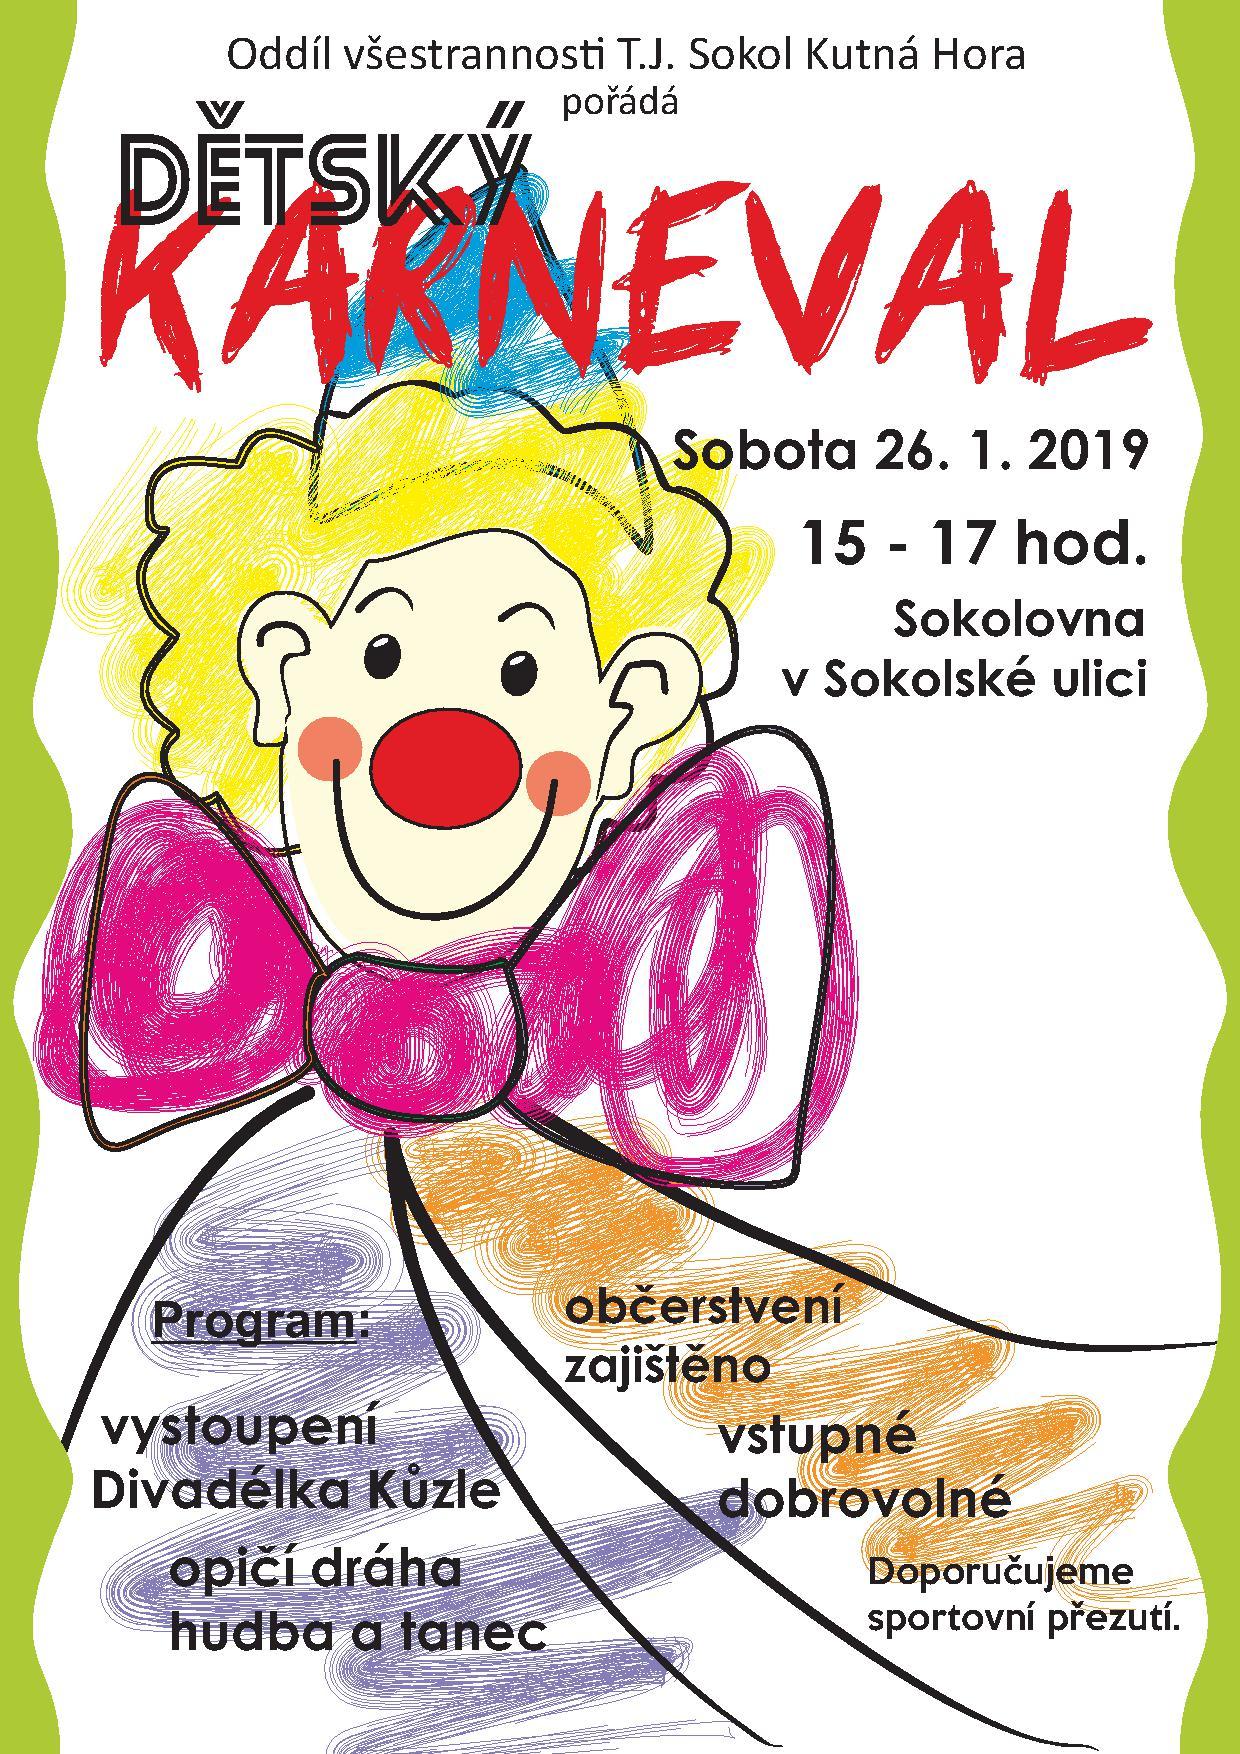 4932-sokol-karneval.jpg